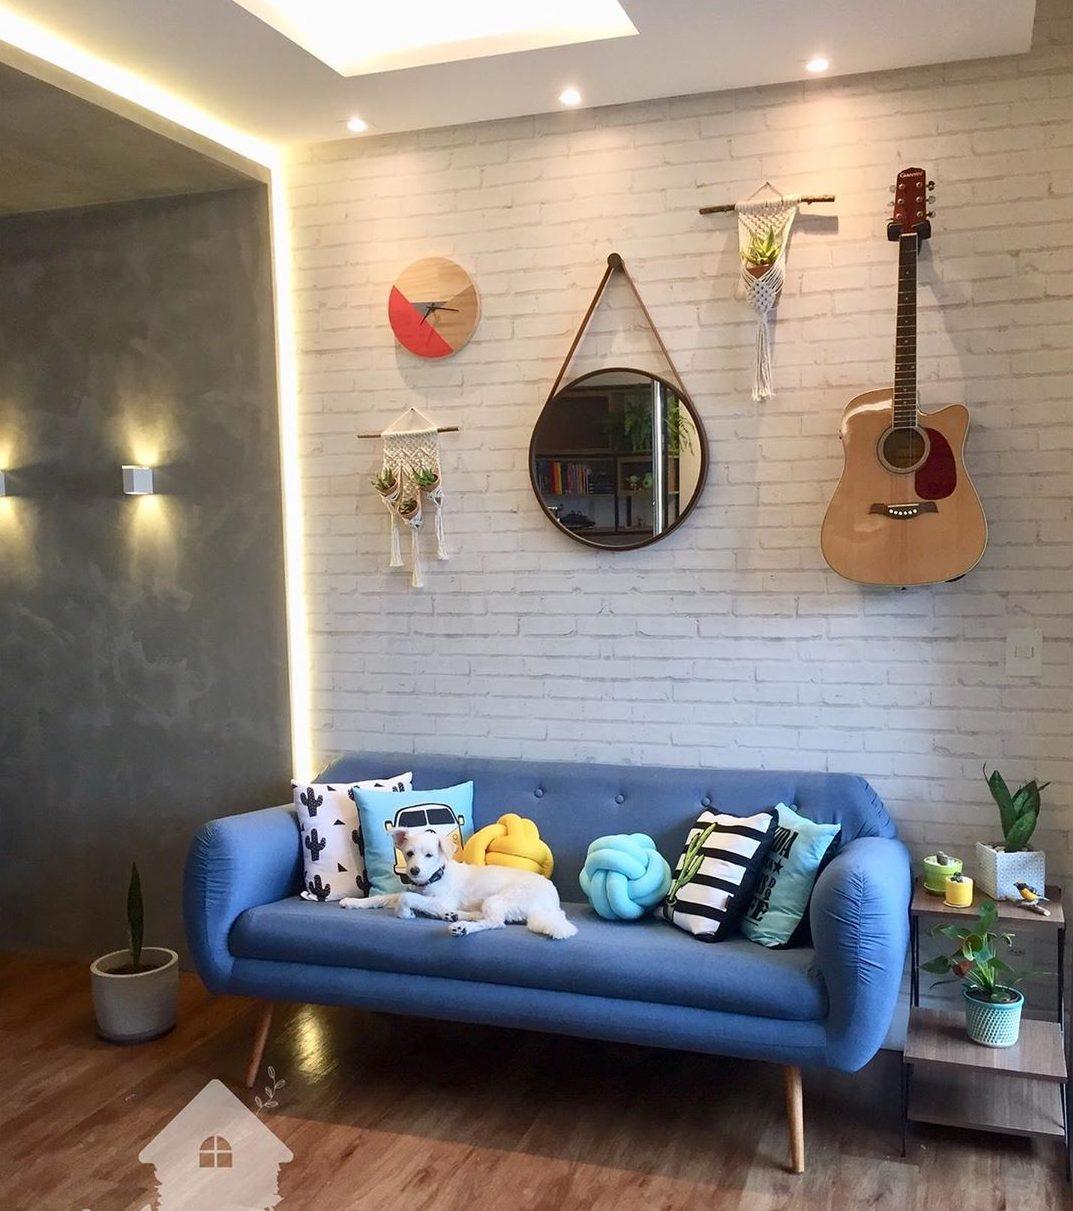 apartamento com decoração joveme sofa azul